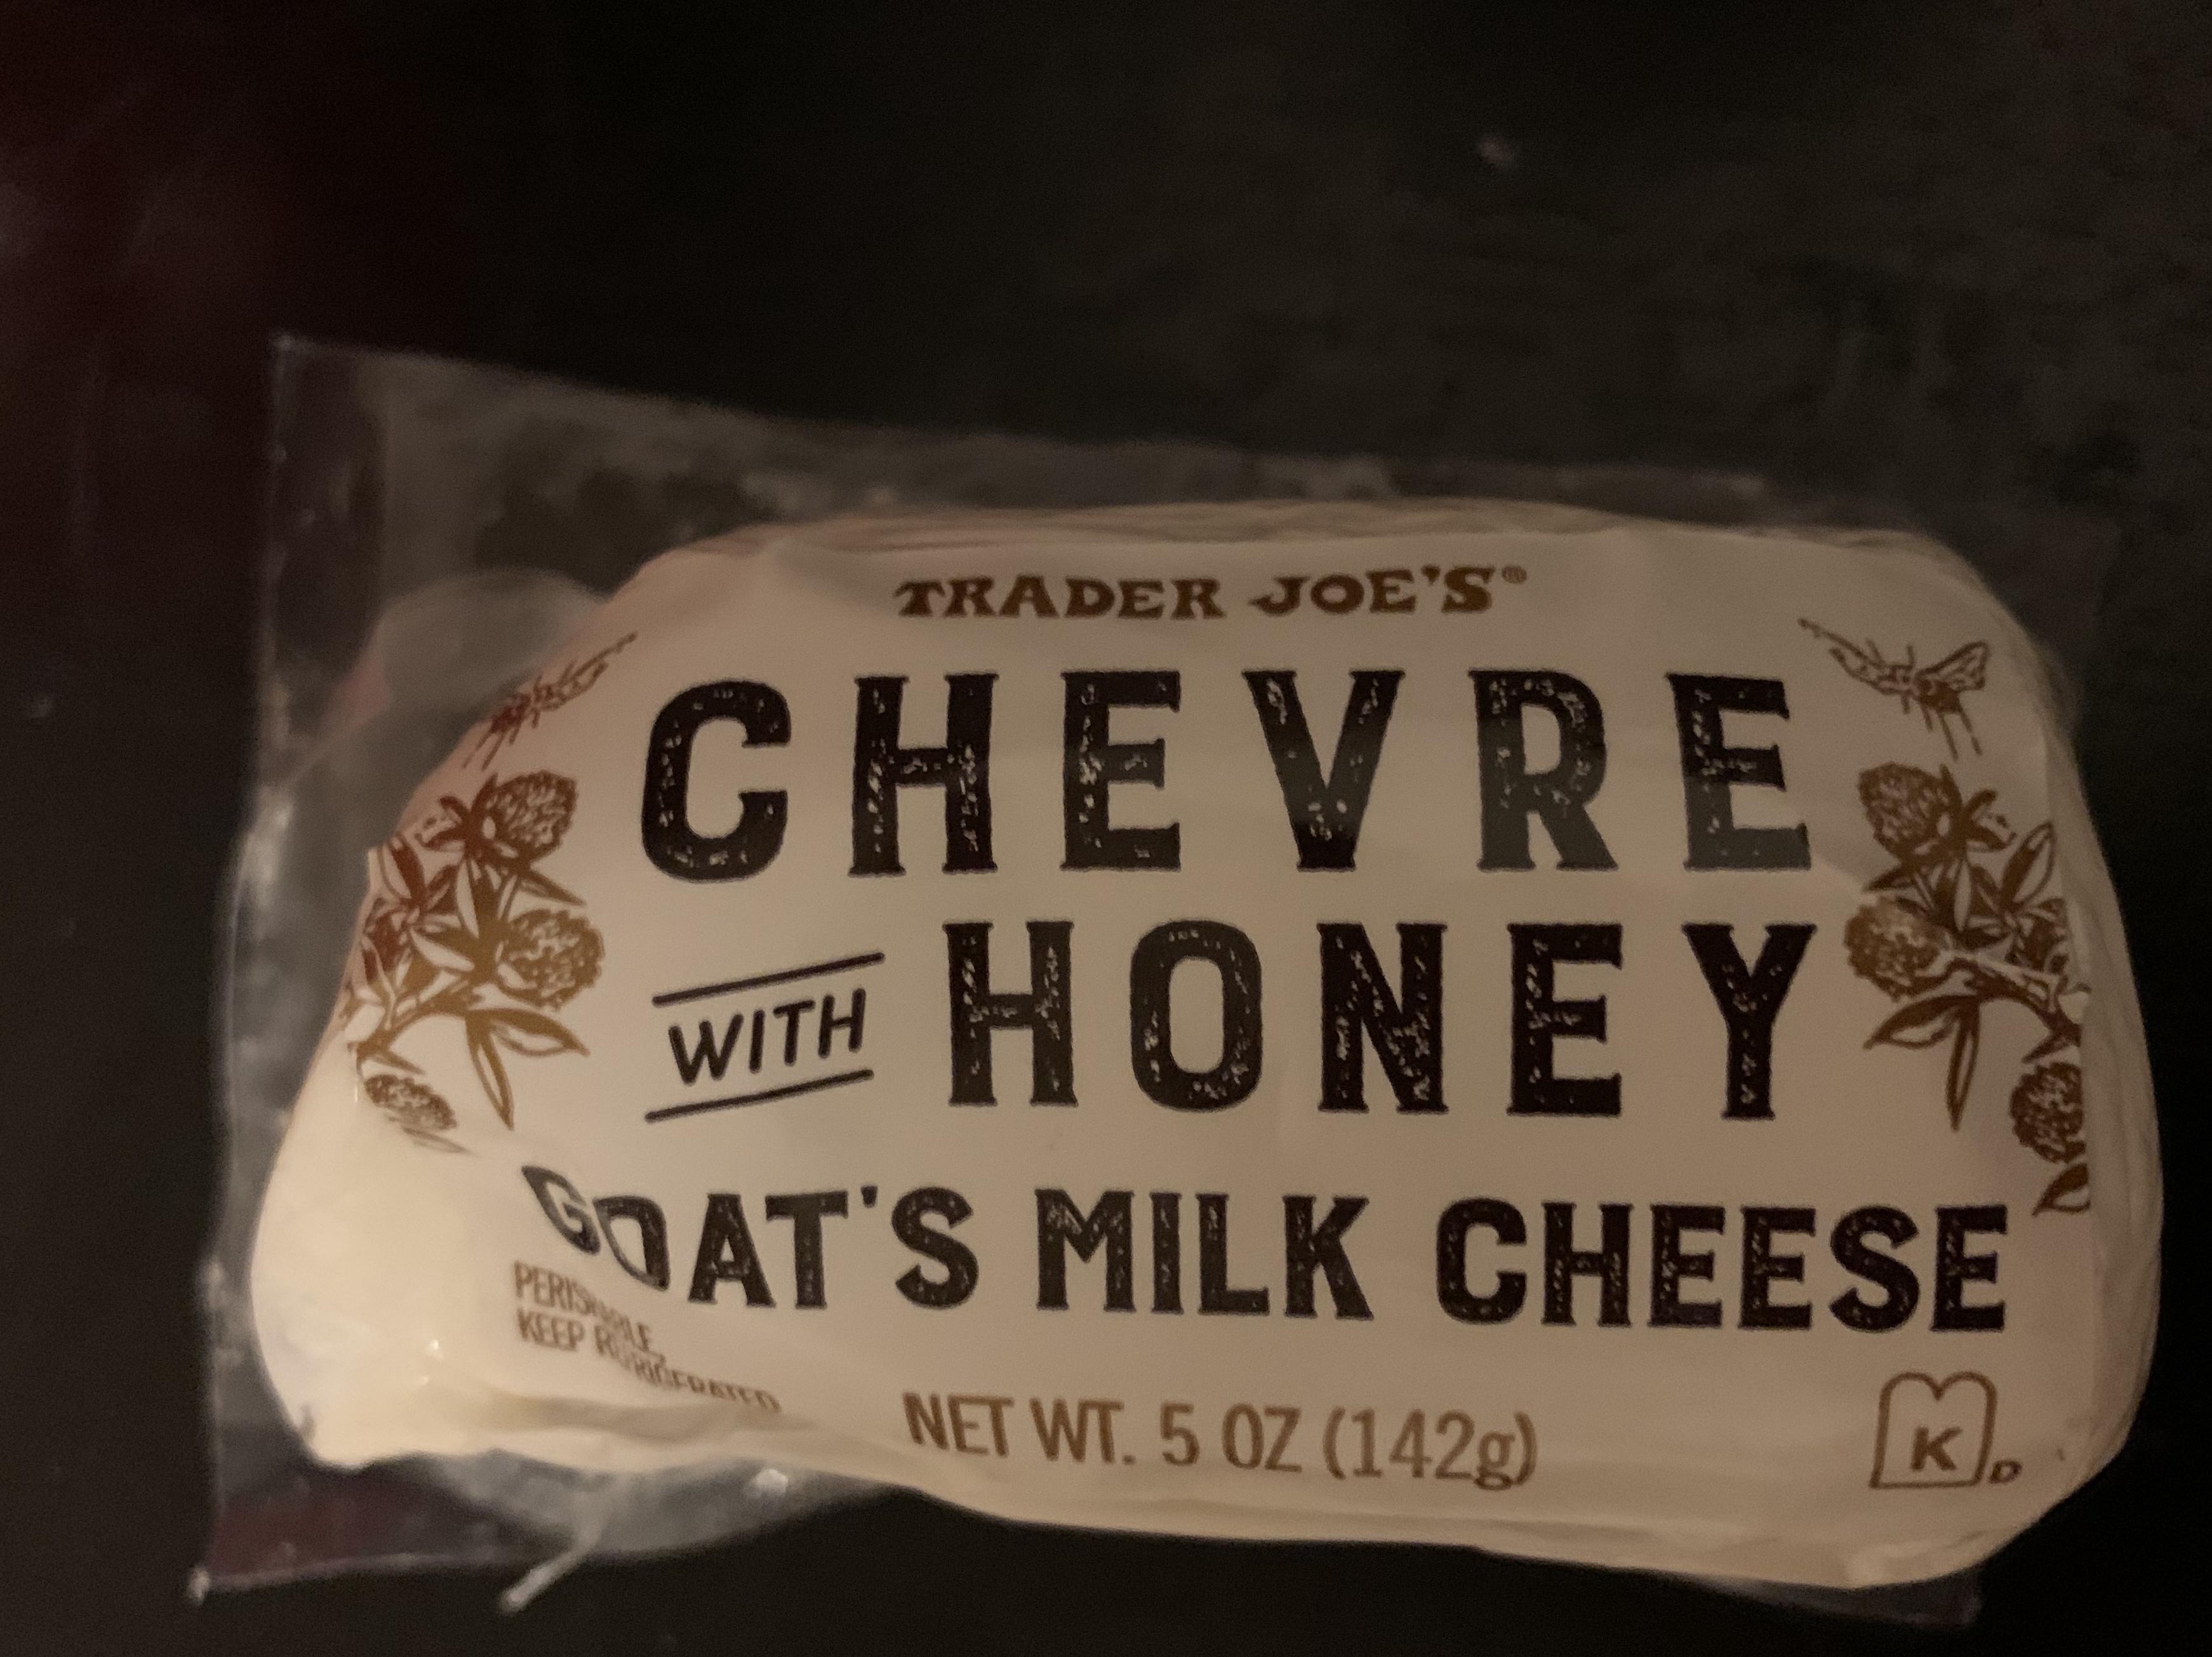 Chevre with Honey